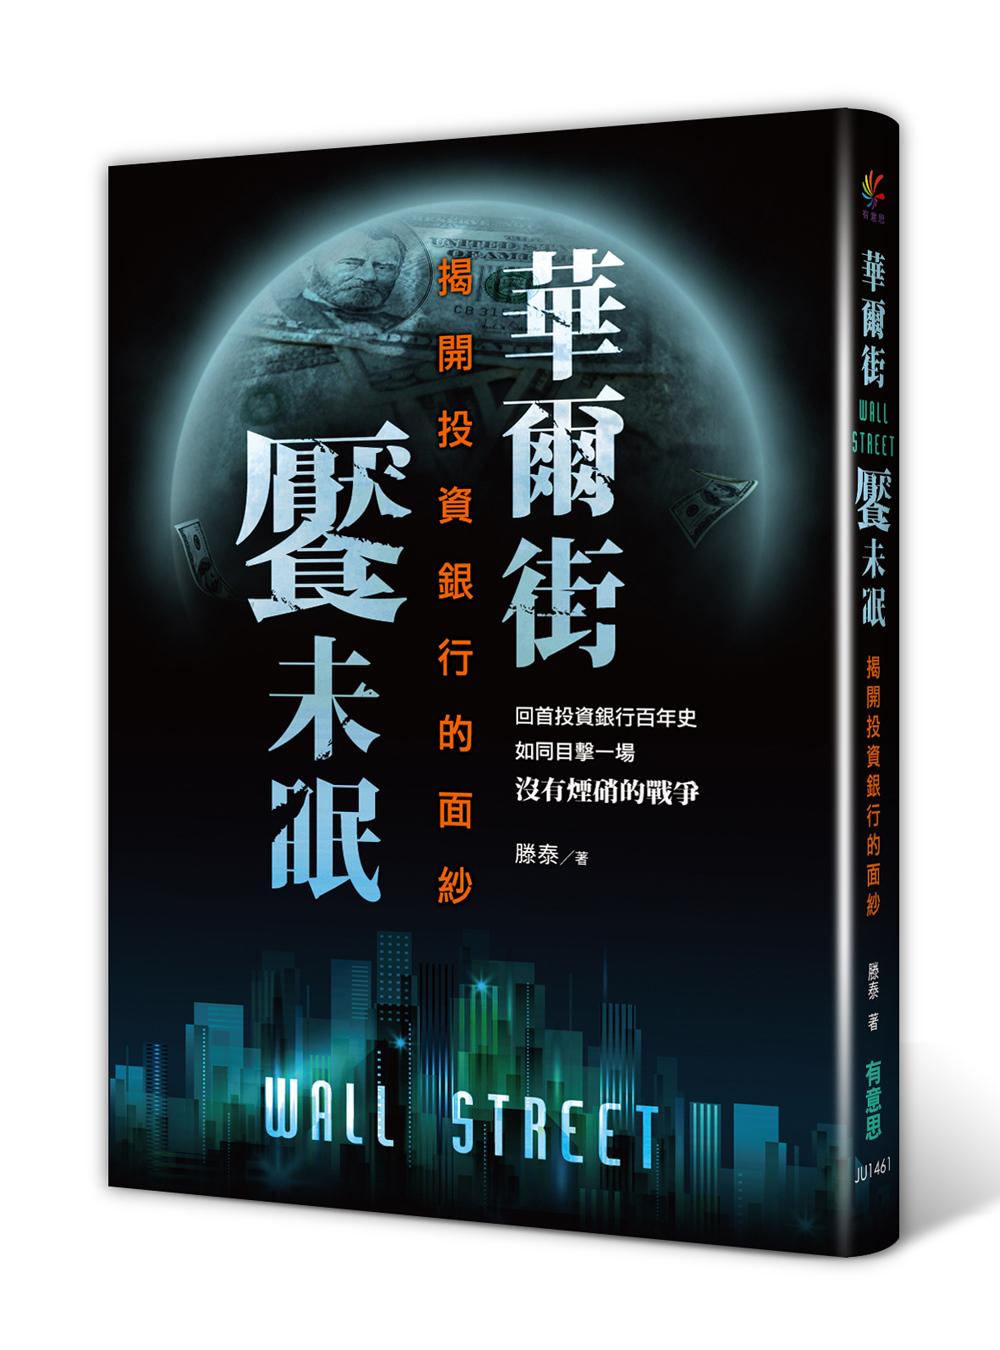 華爾街饜未眠:揭開投資銀行的面紗